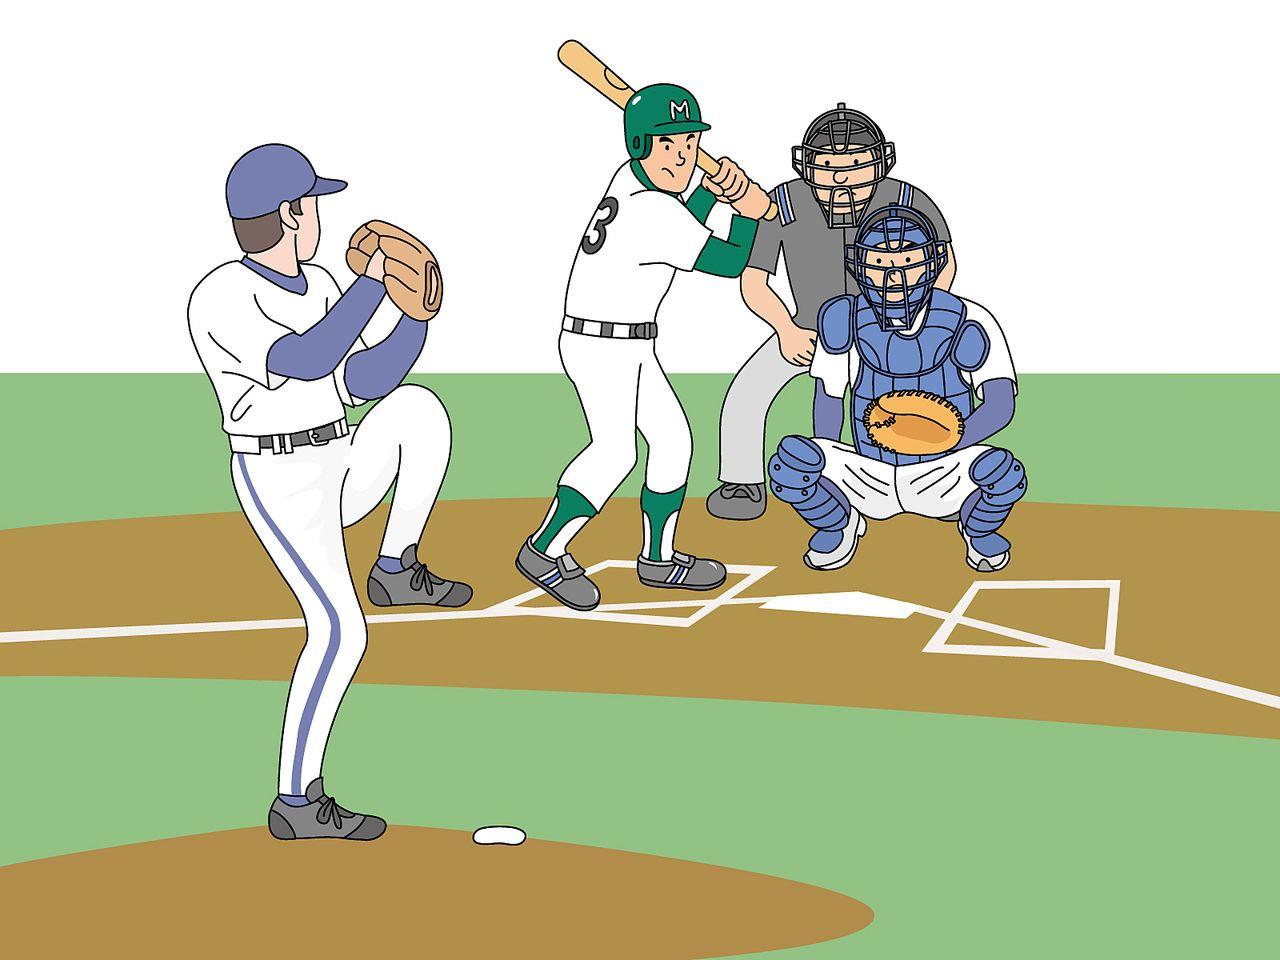 上原浩治さんの凄さとは?ということで、「K/BB」という数字から制球力の凄さについて以前書かせていただきました。※「上原浩治というピッチャーは凄かった!とくに制球力が異常なぐらい凄かった!」さらに、…